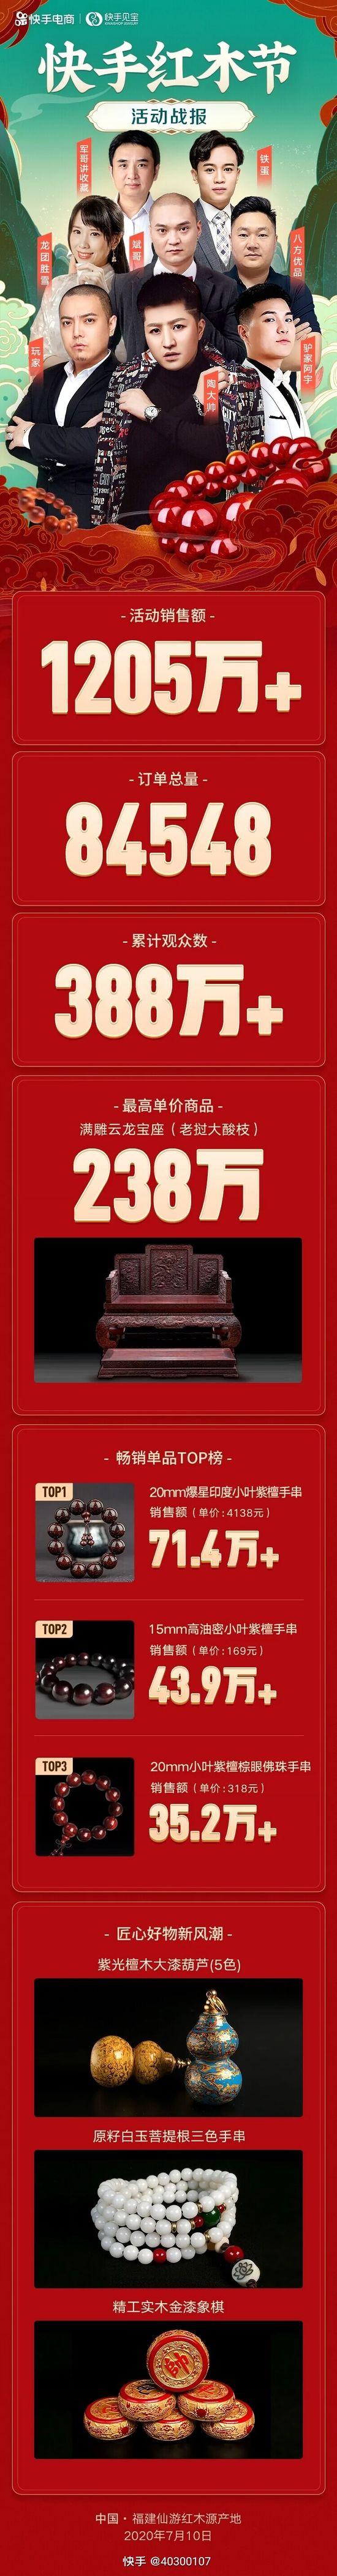 快手红木节战报:销售额达1205万 订单总量超8.4万